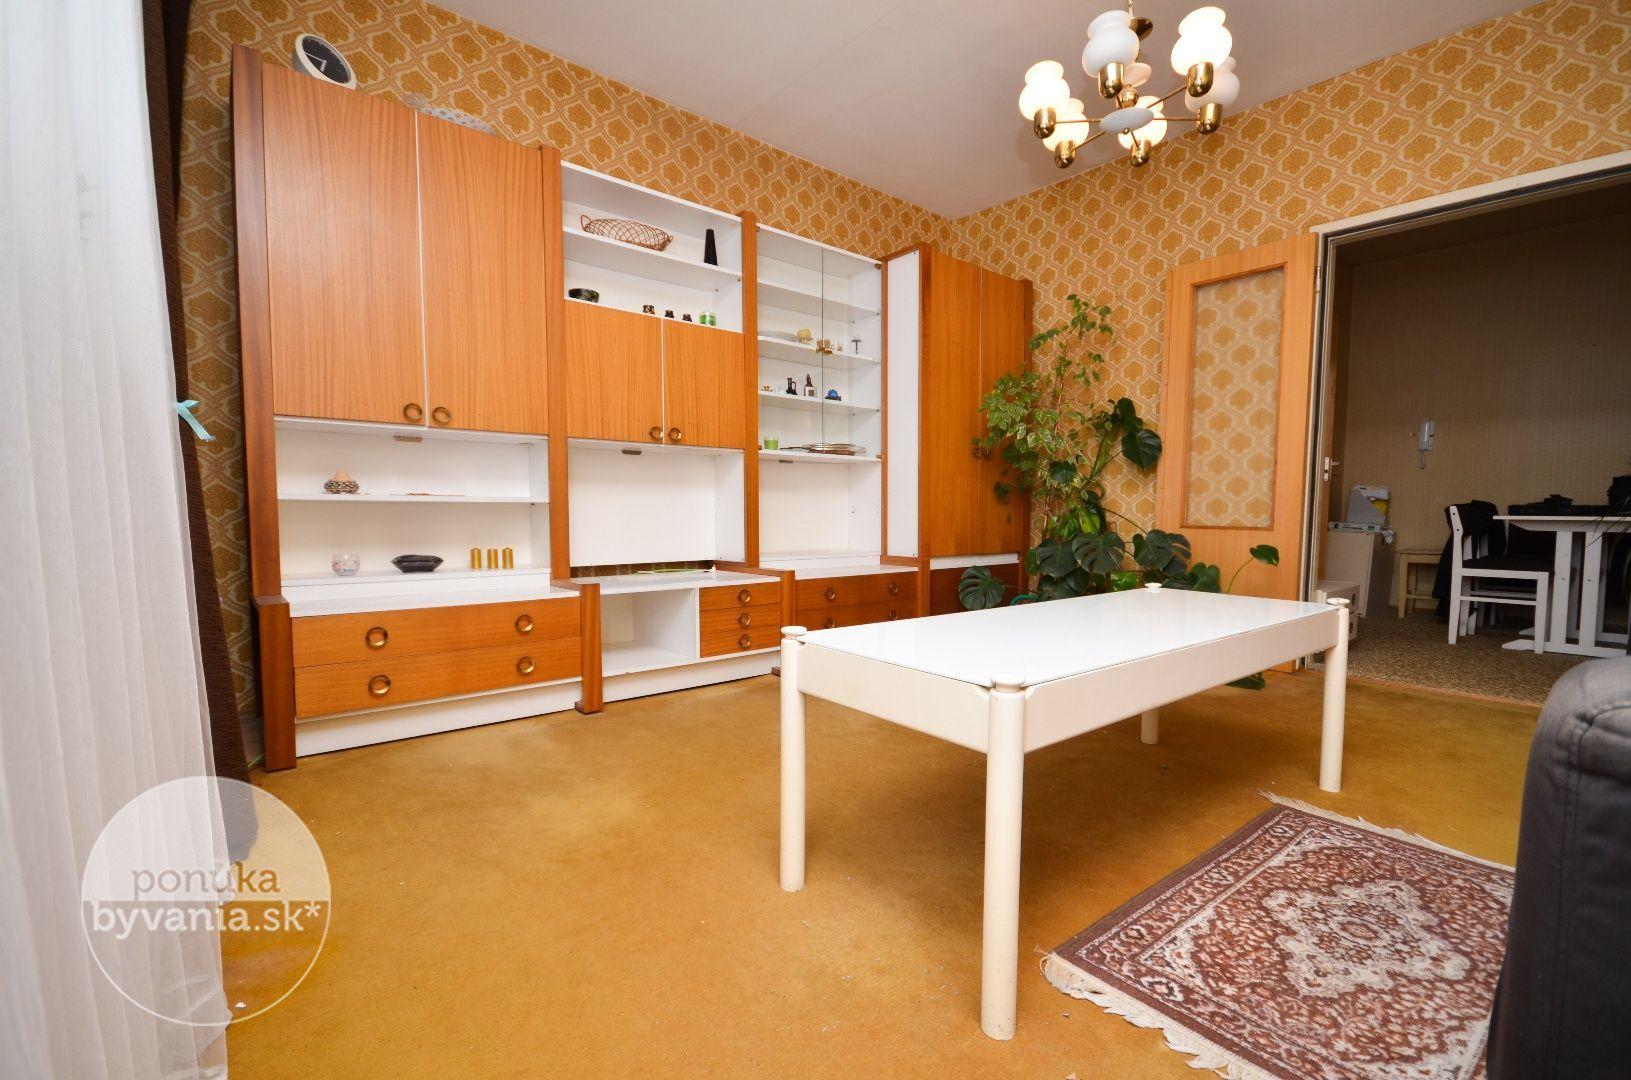 ponukabyvania.sk_Bradáčova_2-izbový-byt_KOVÁČ